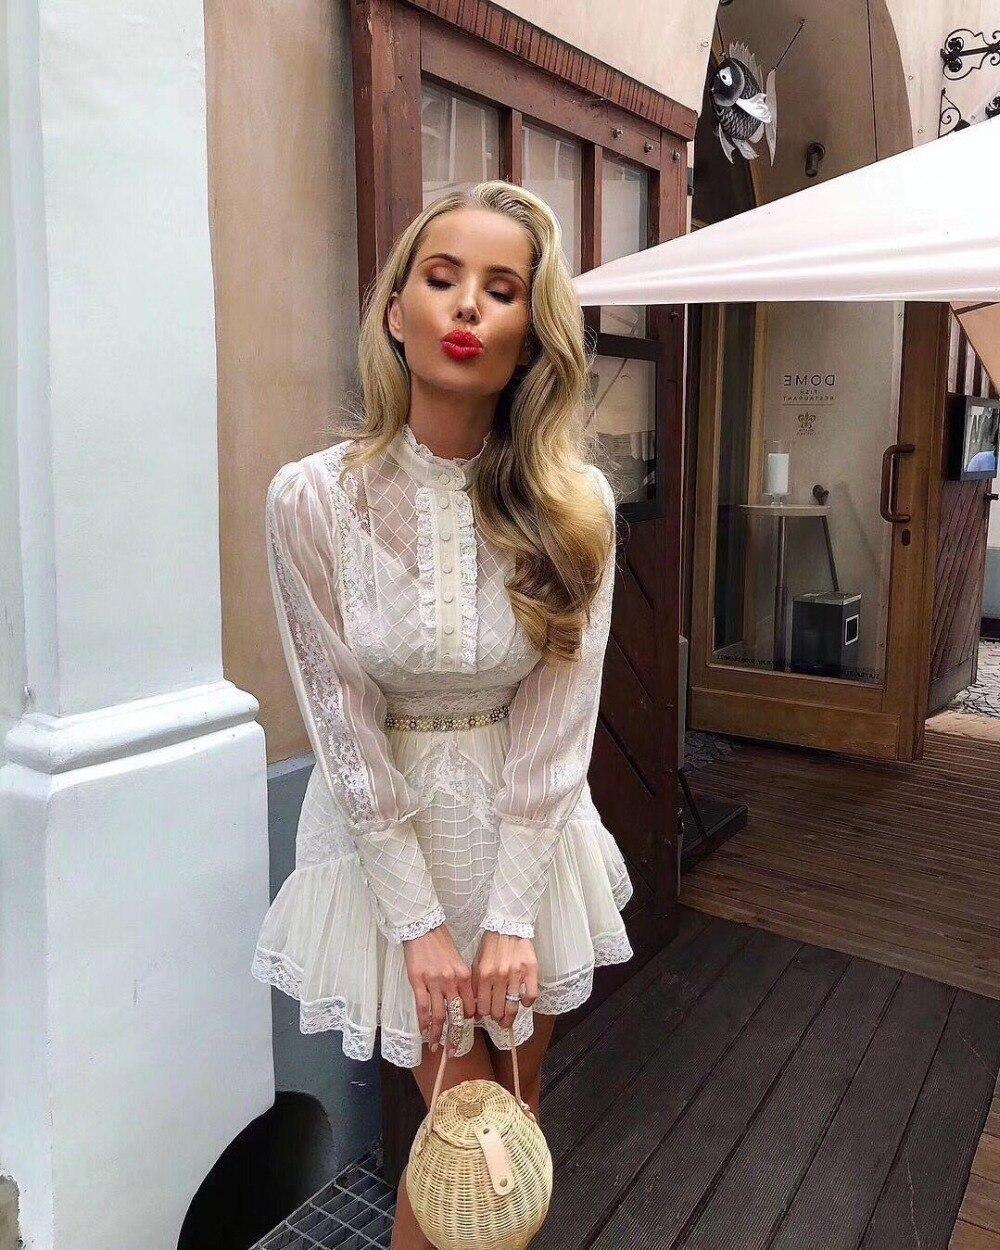 2019 wiosna nowy przyjeżdża biały czarny koronki mini sukienka pełna rękaw kobiety sukienka w Suknie od Odzież damska na  Grupa 1